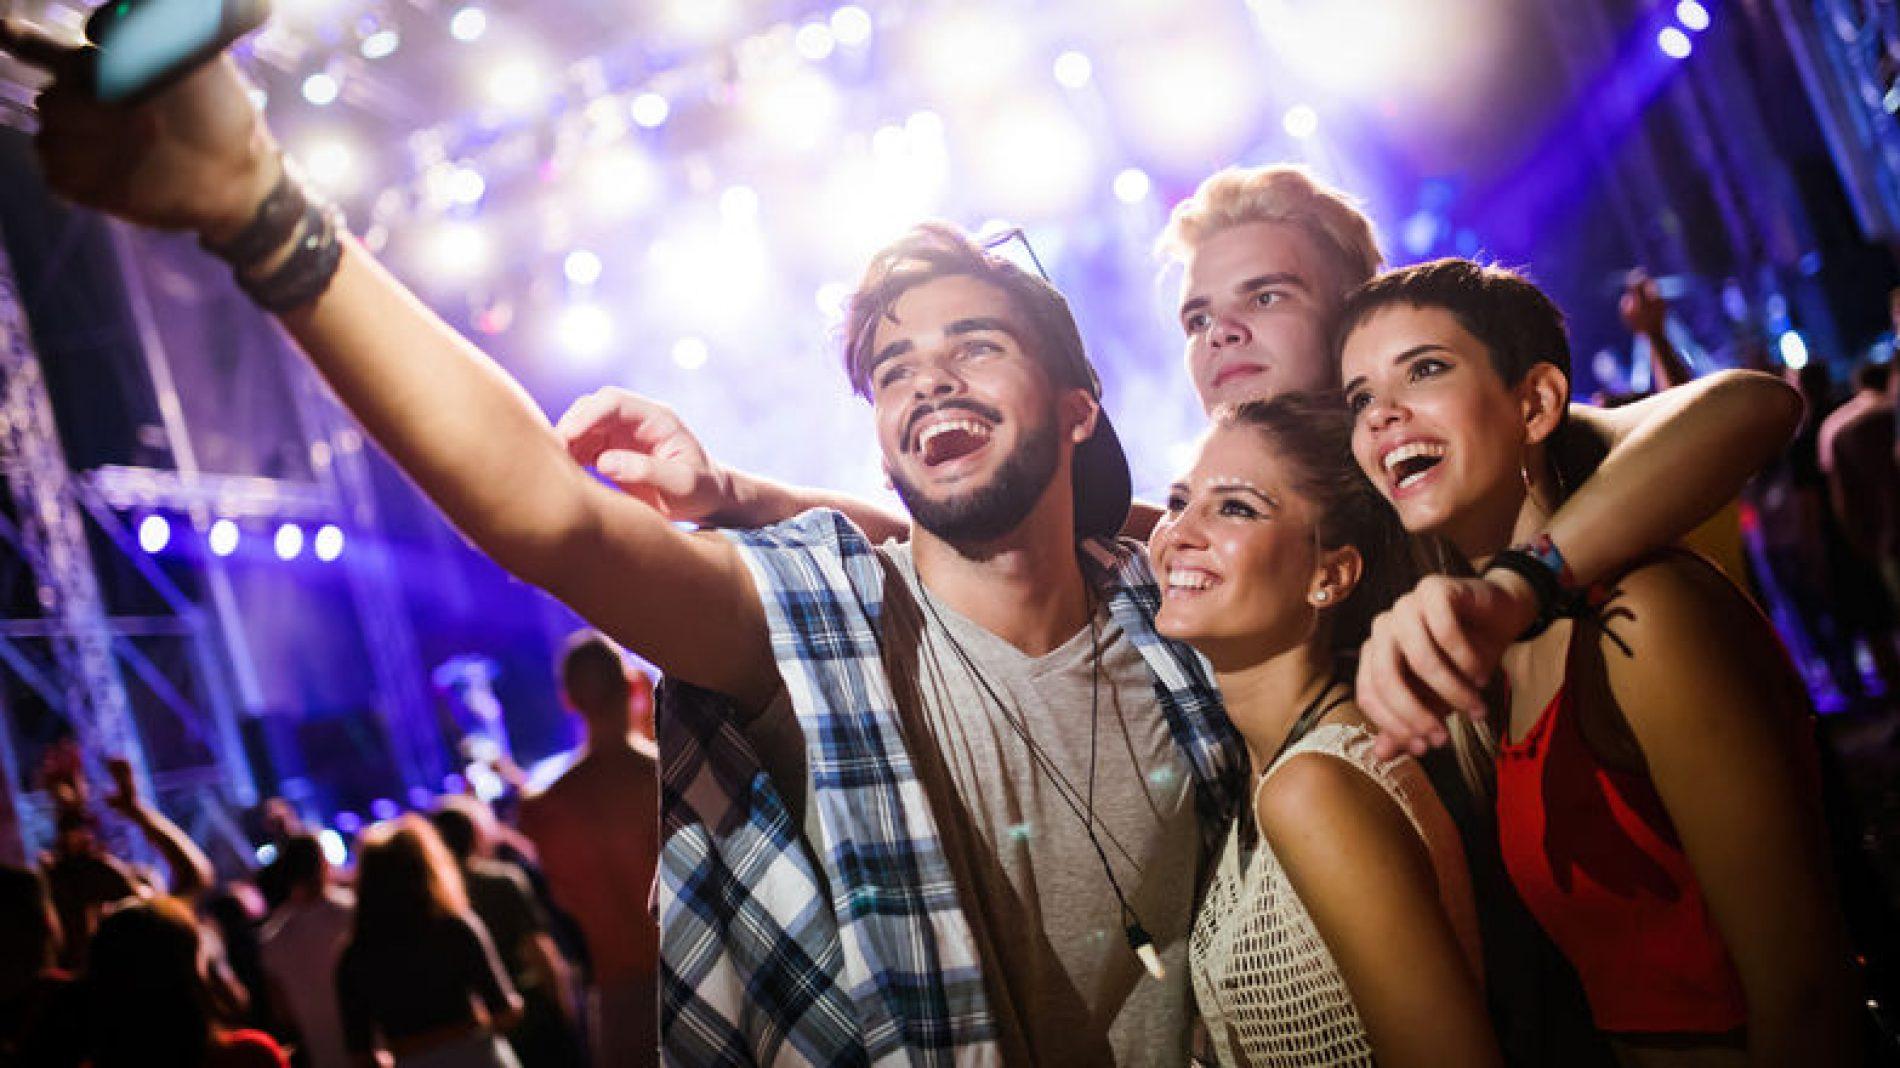 group-selfie-in-a-night-club